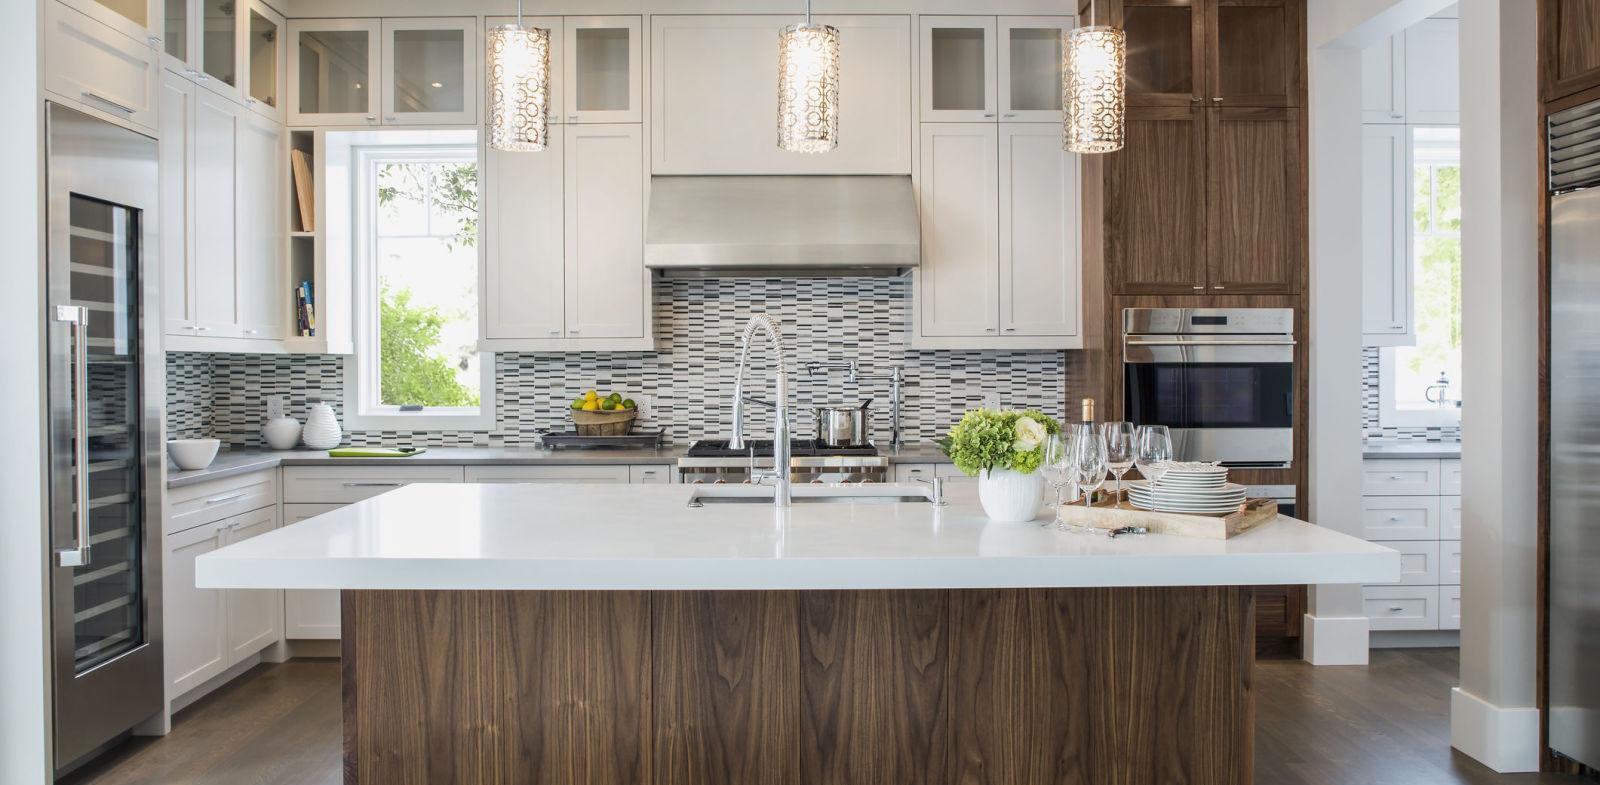 Дизайн кухни с освещением 2017